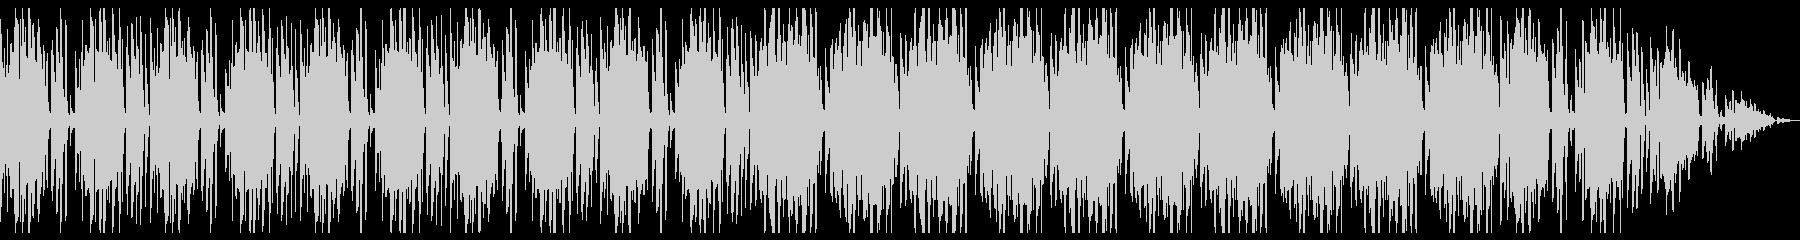 フルート 映像向け オシャレ ファンクの未再生の波形